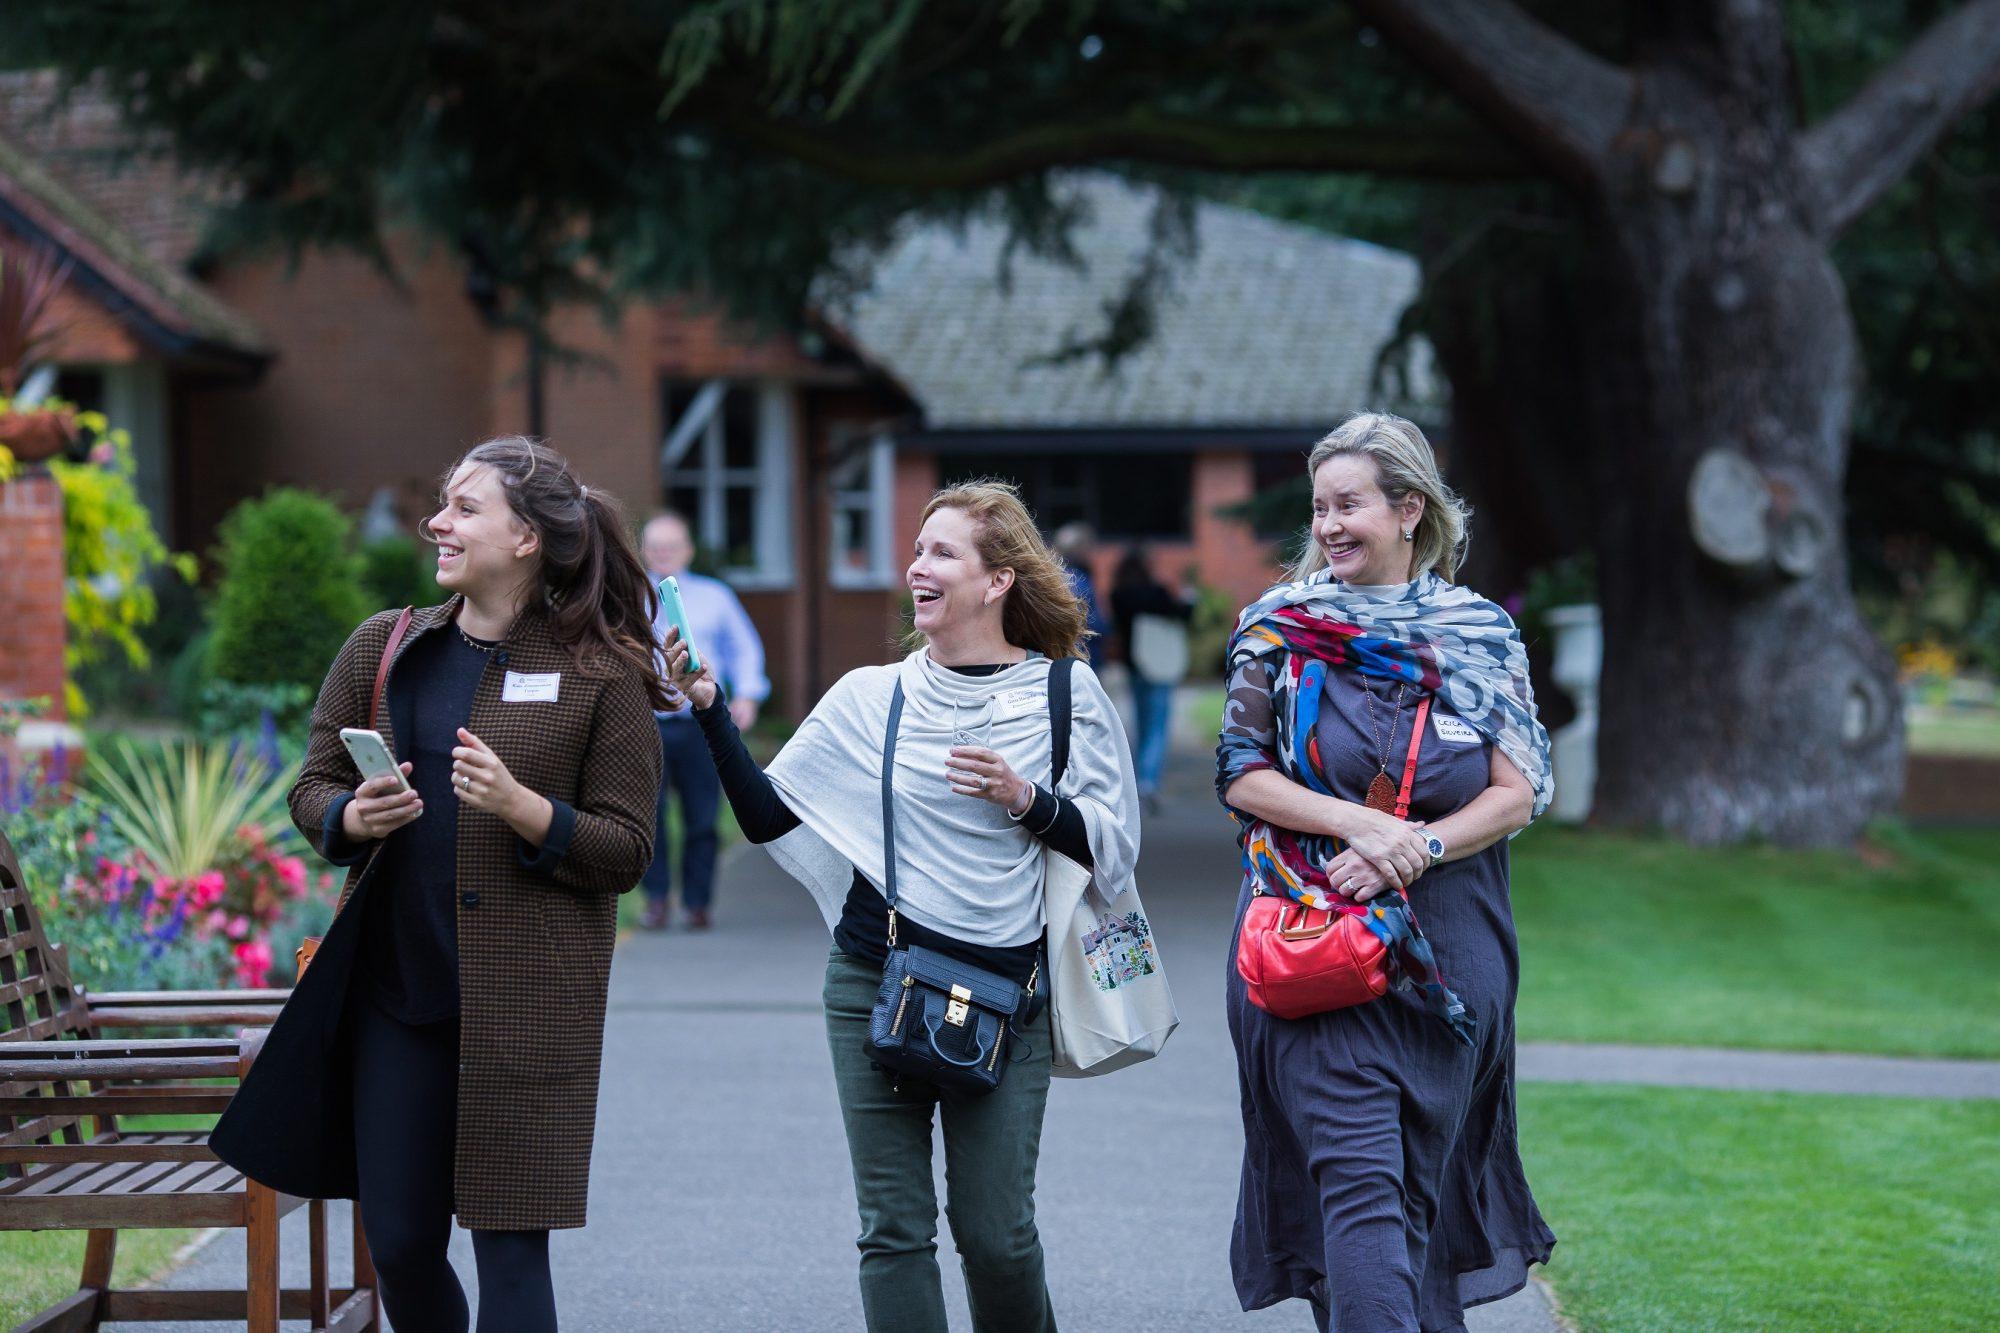 Alumnaereunion2019marymountlondonsiobhanhphotography 85 | Marymount International School London